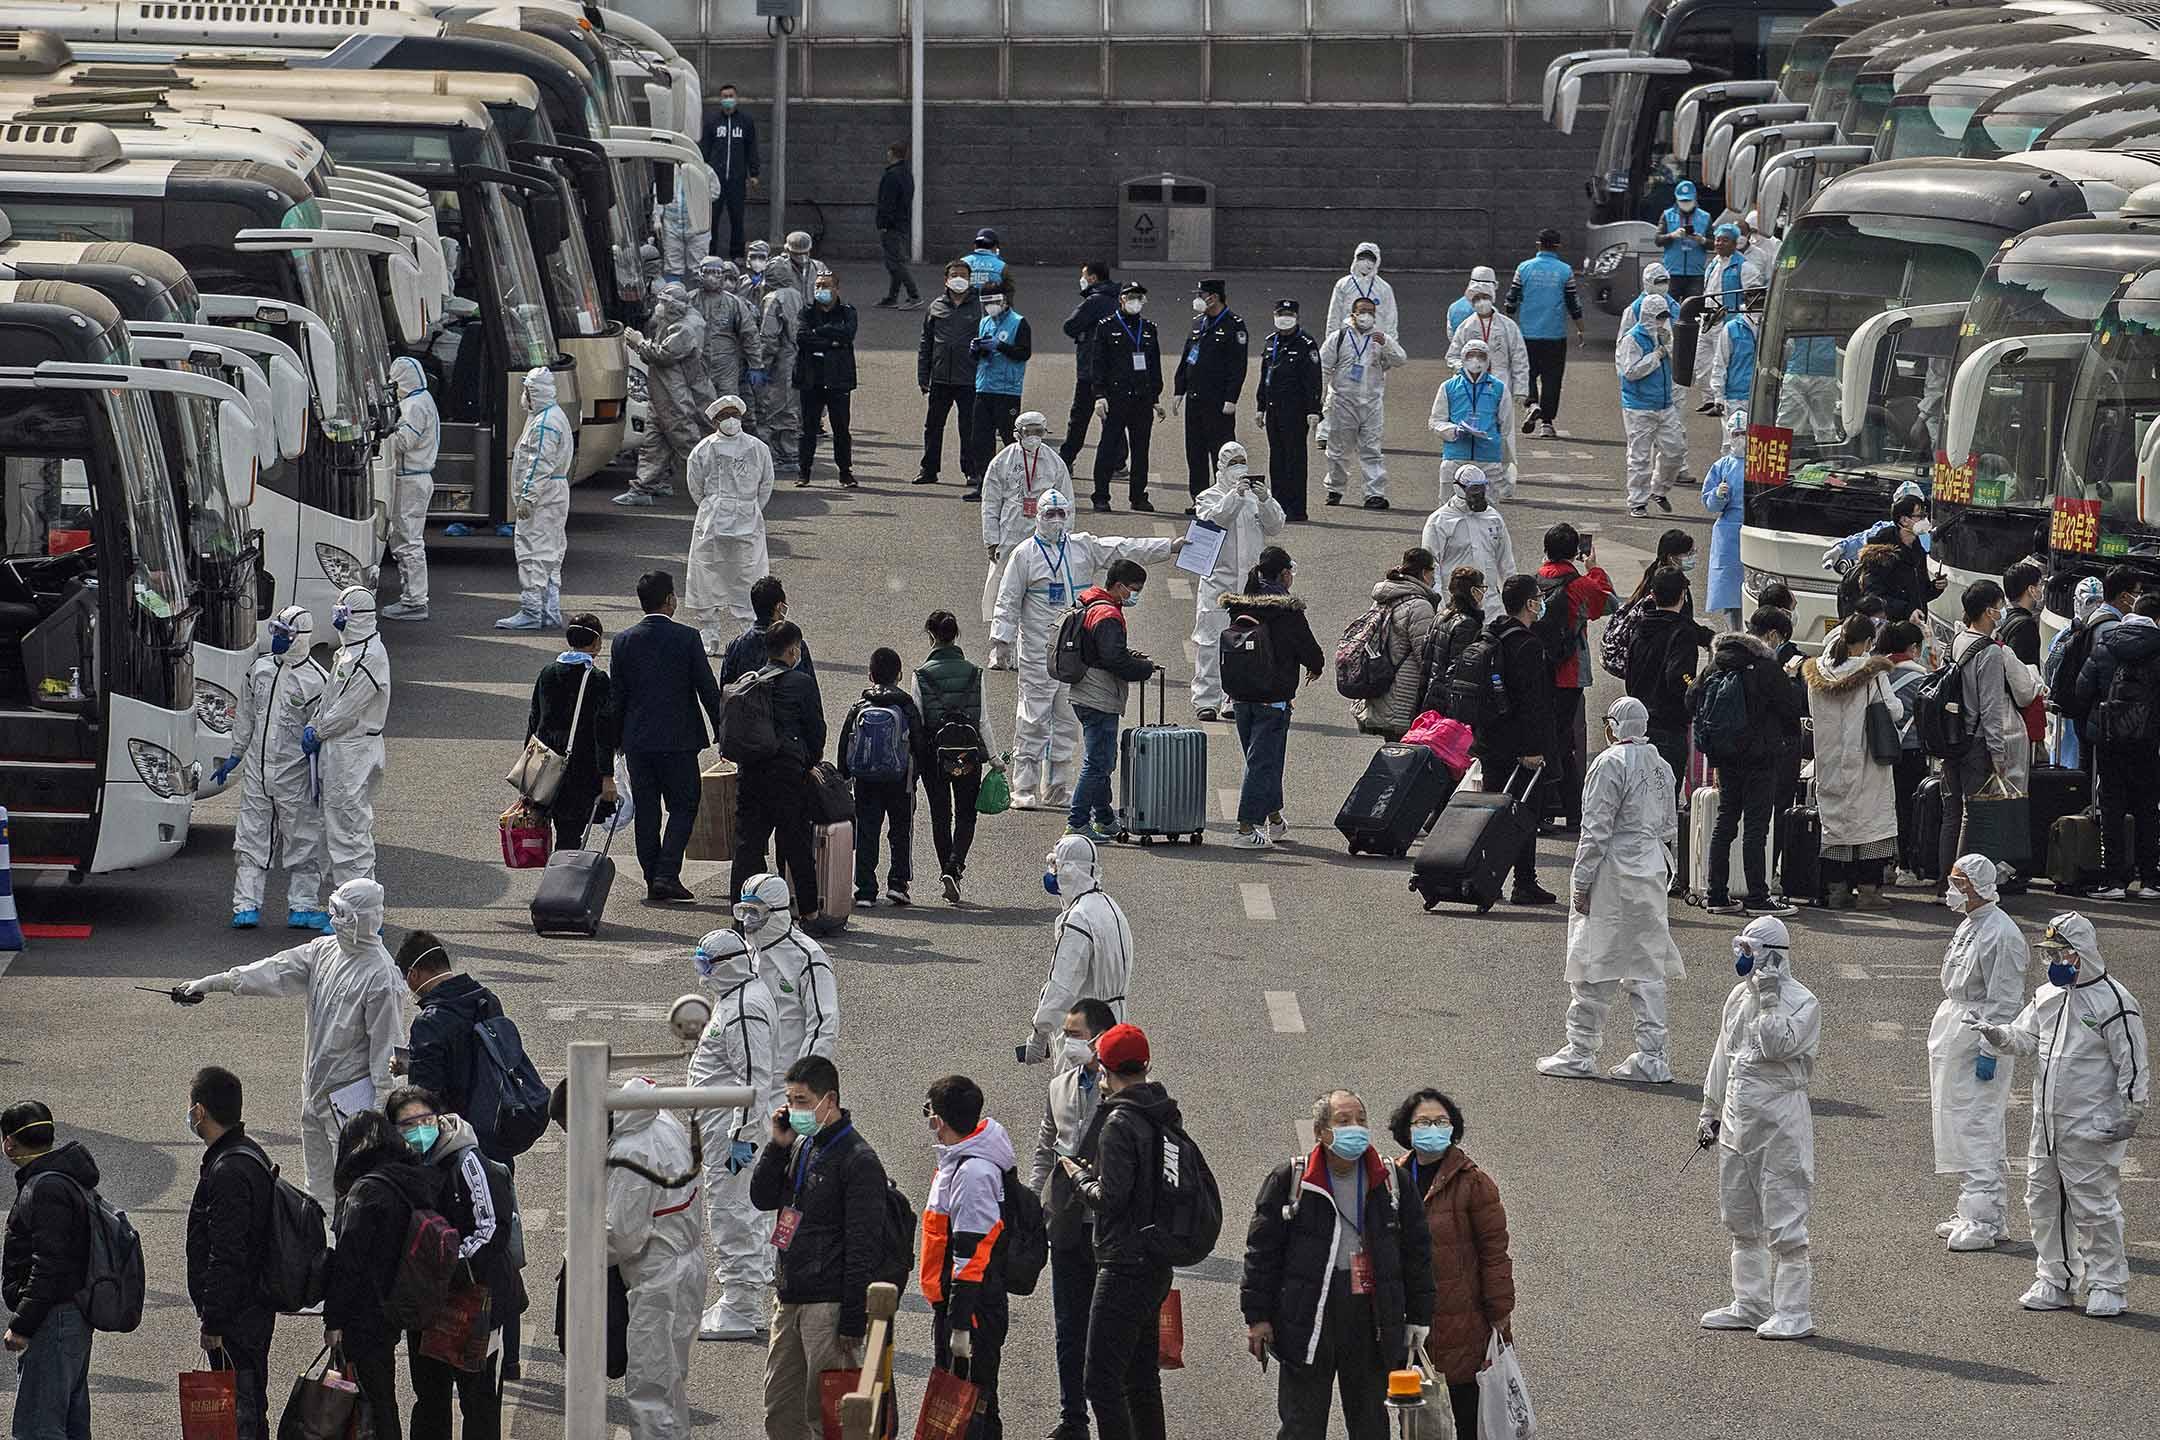 2020年4月8日中國北京,由武漢抵達北京的火車,乘客需送往隔離。 攝:Kevin Frayer/Getty Images